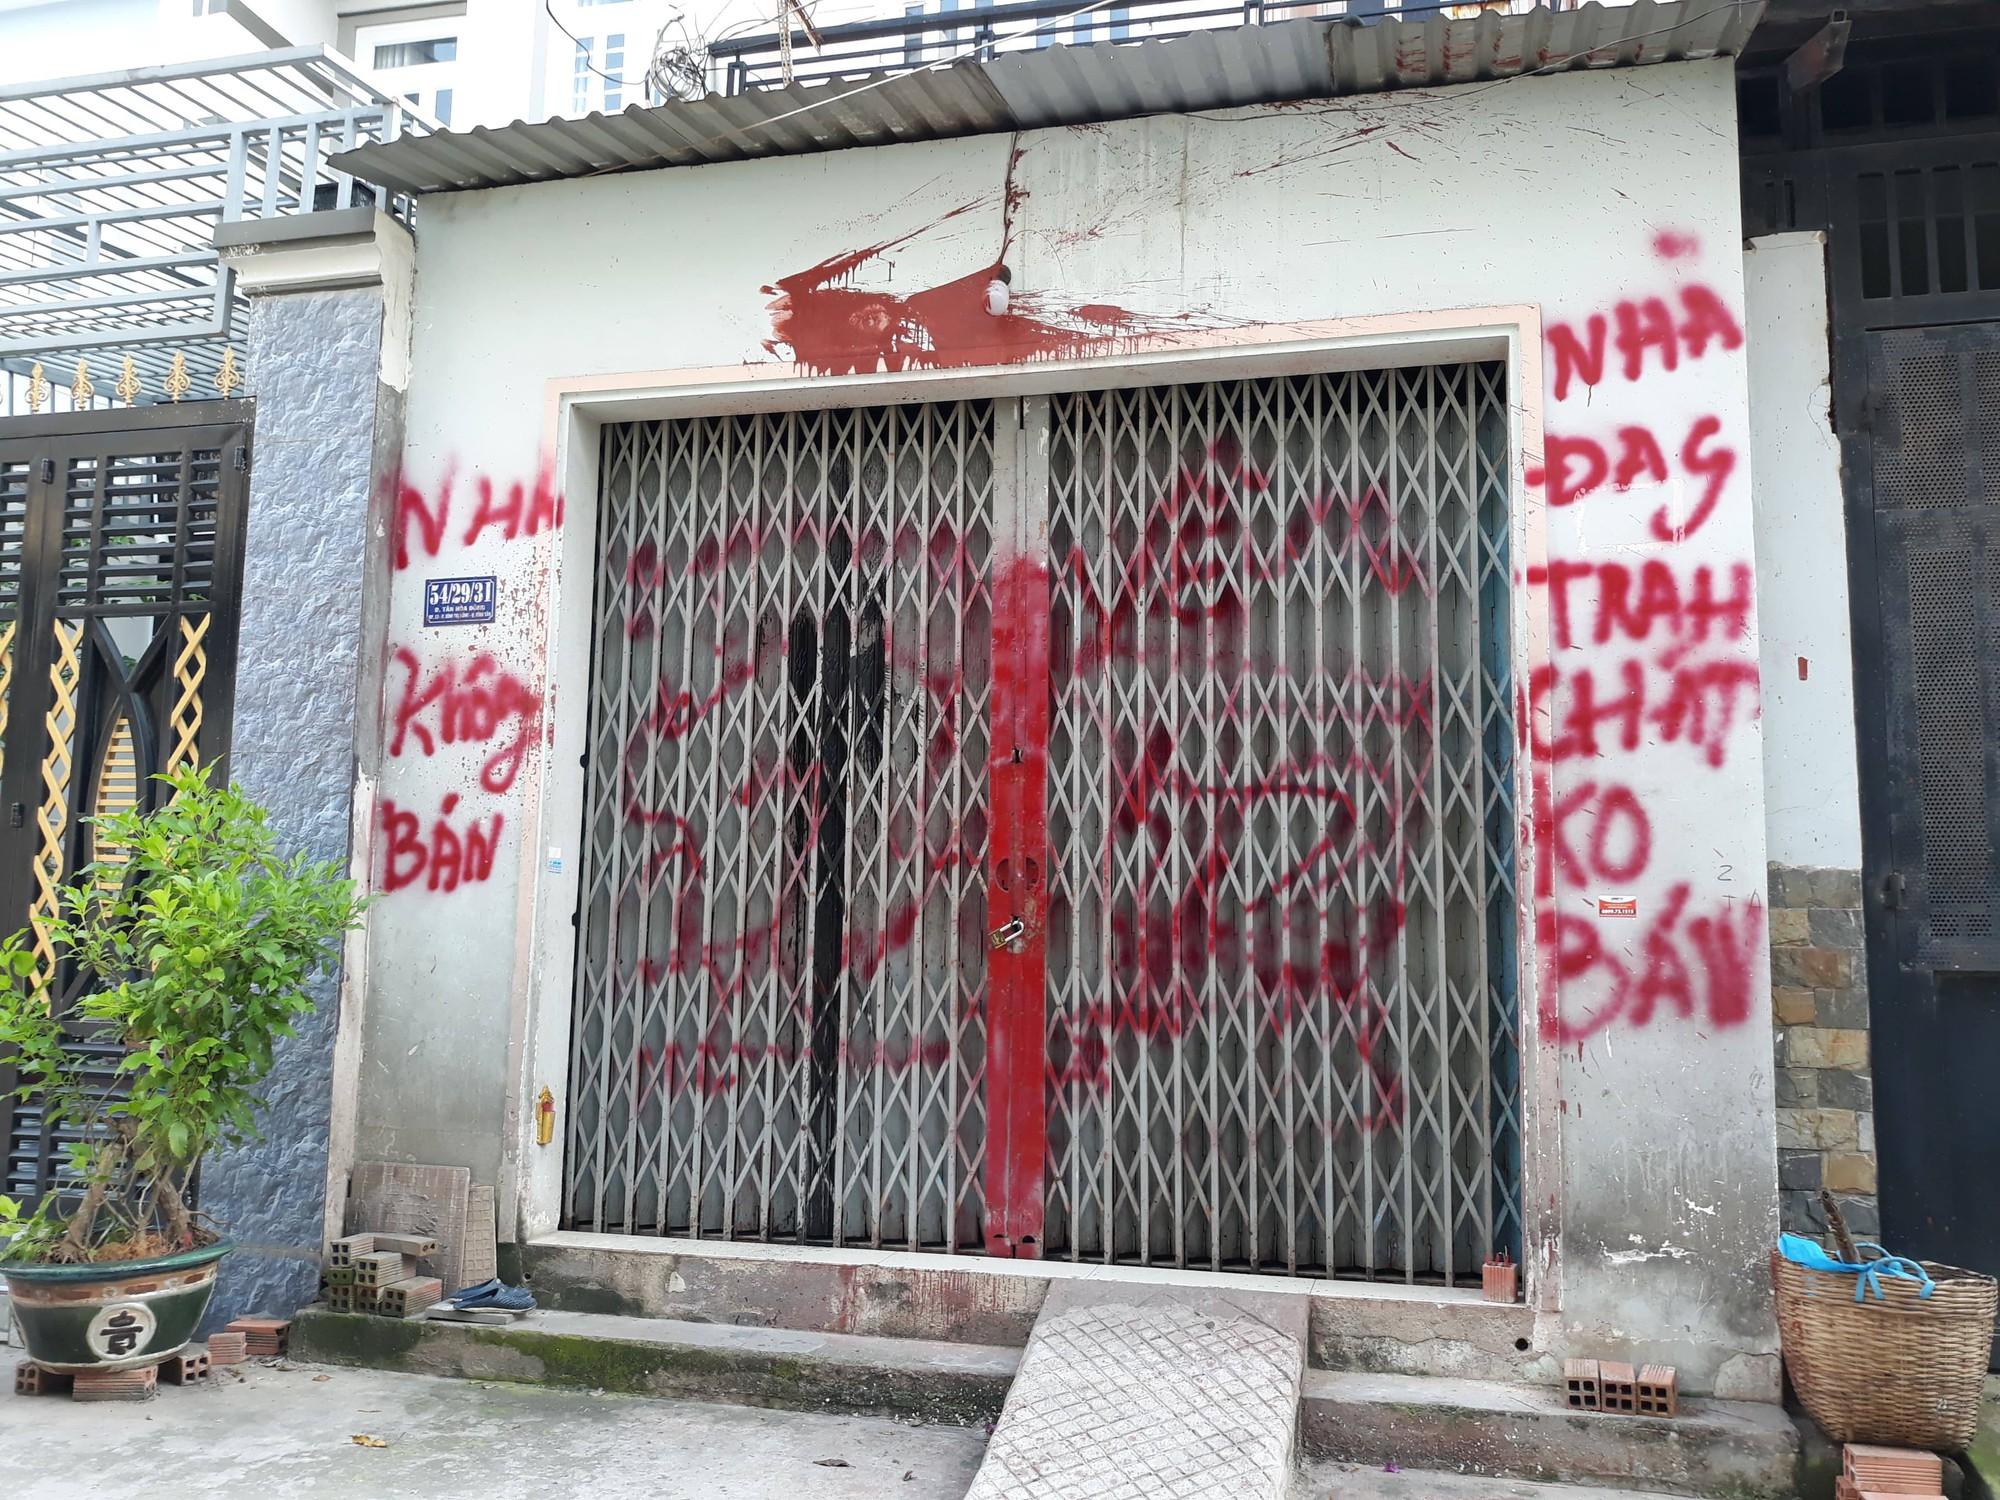 Cô giáo tiểu học ở Sài Gòn viết đơn xin giang hồ cho đi dạy - Ảnh 1.